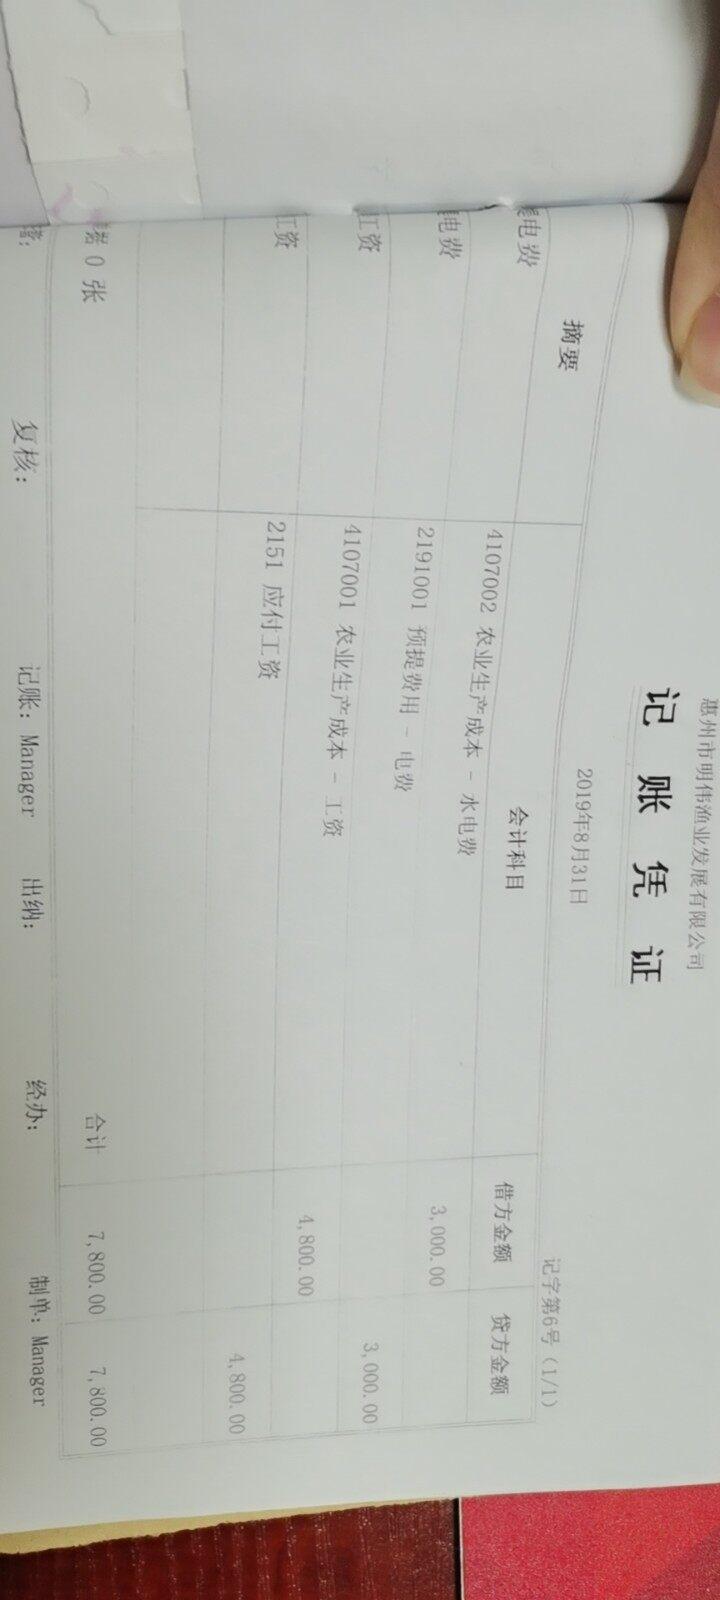 以下是当时交接8月份另一个会计做的结转分录